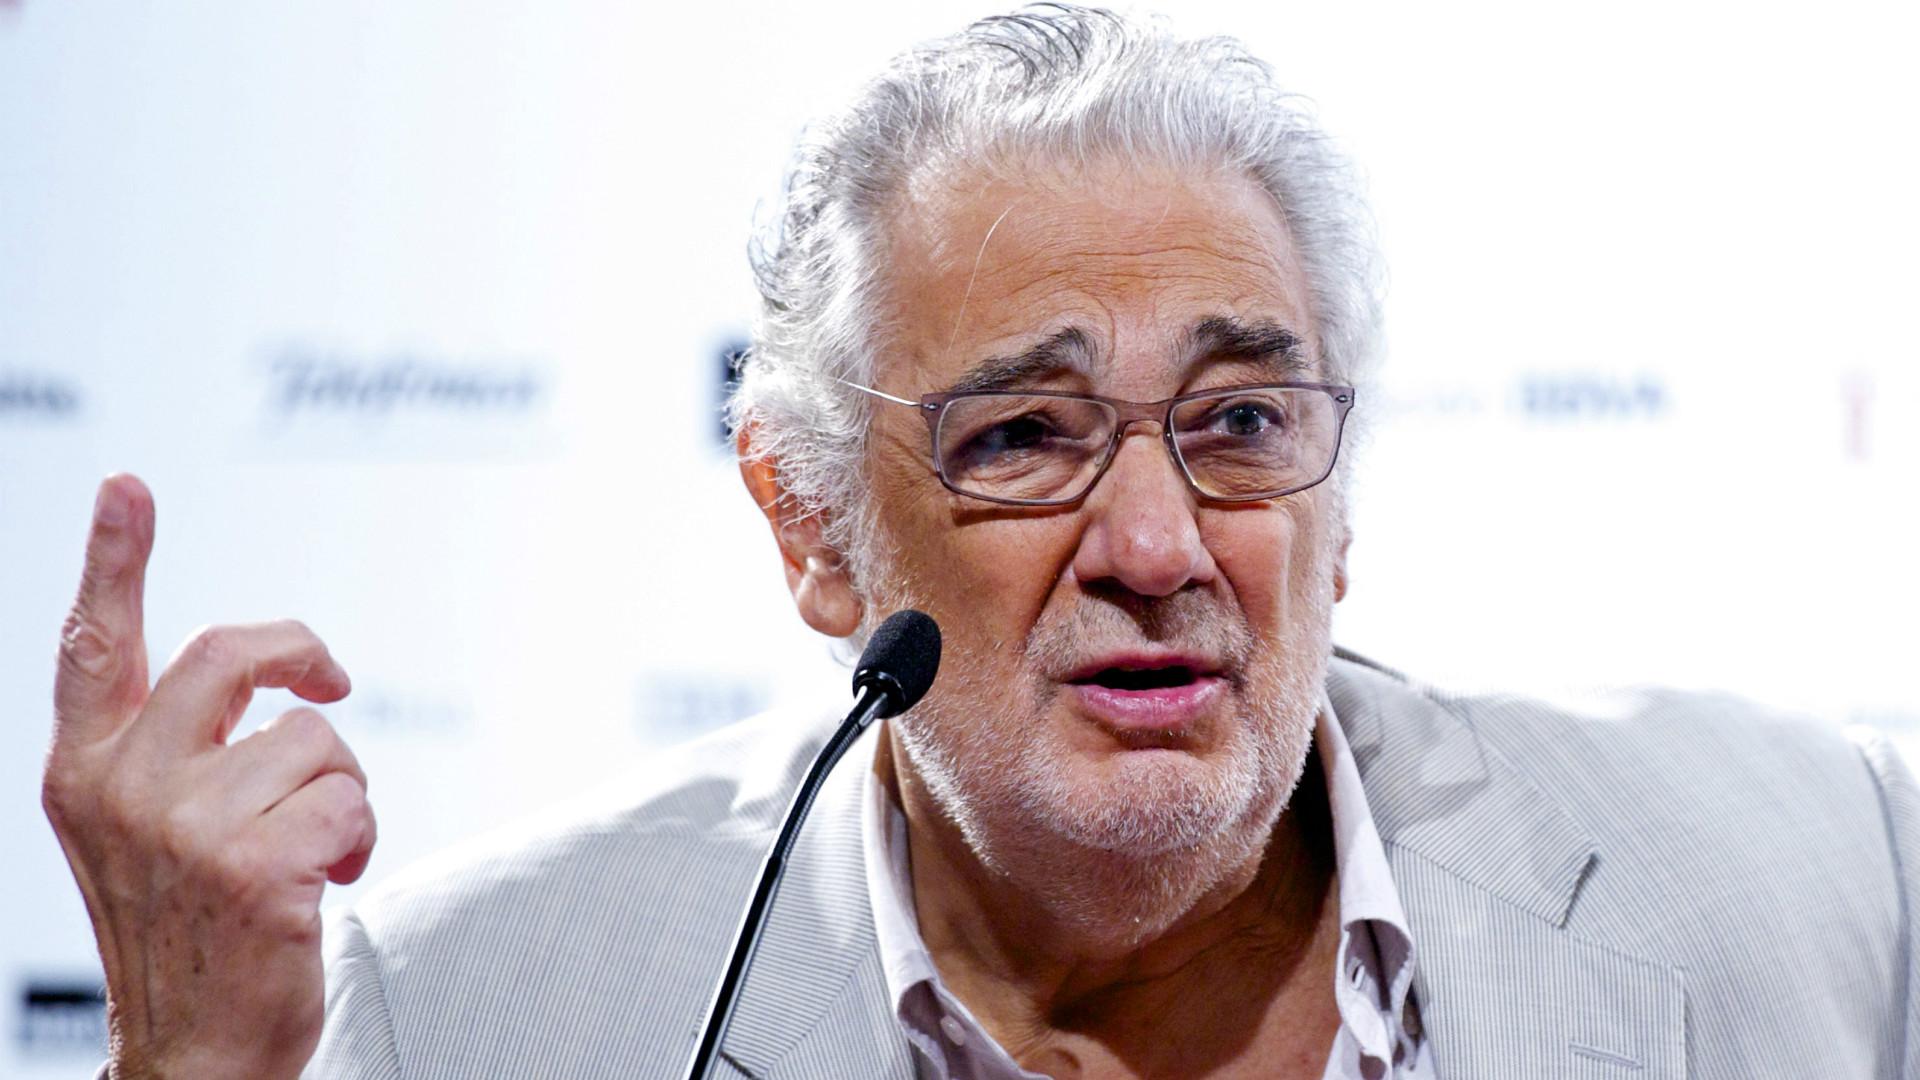 Placido Domingo Press Conference